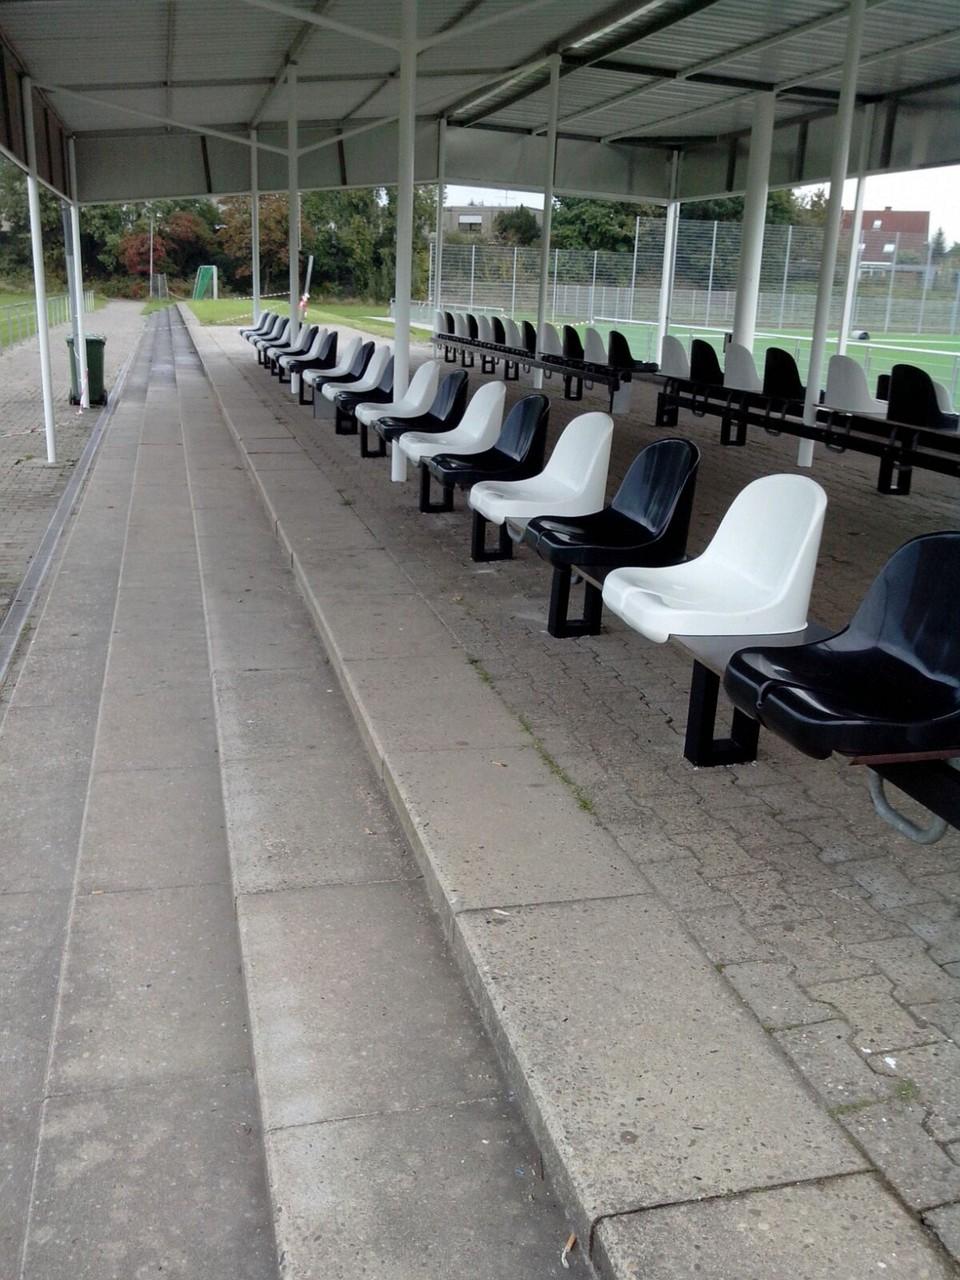 14.10.2015 - Sitze auf Naturrasenseite